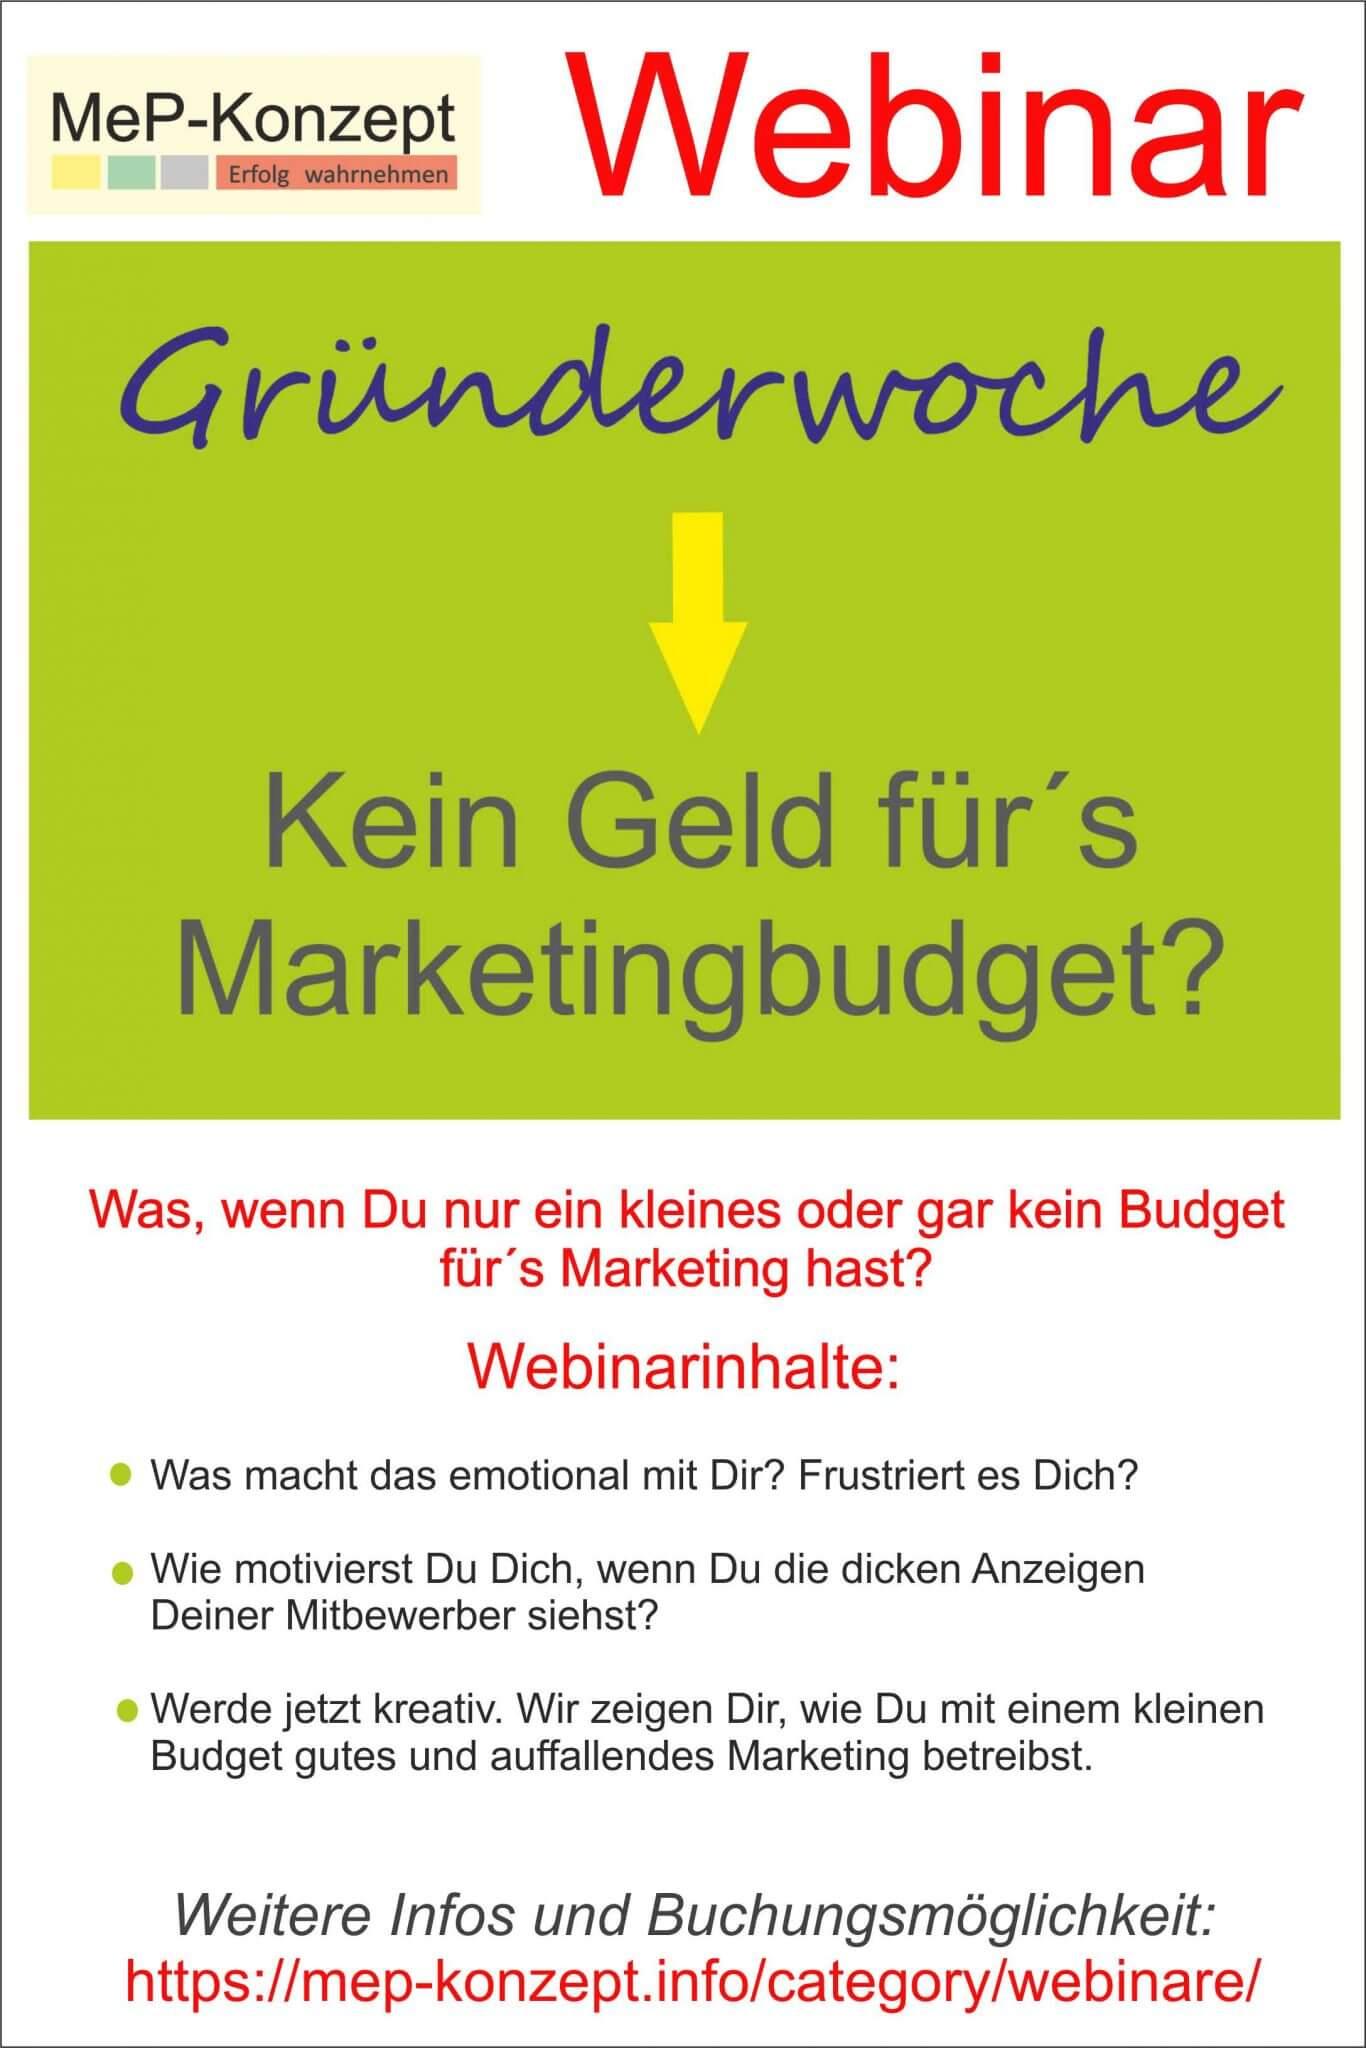 Gründerwoche-Webinar: Marketing mit kleinem Budget